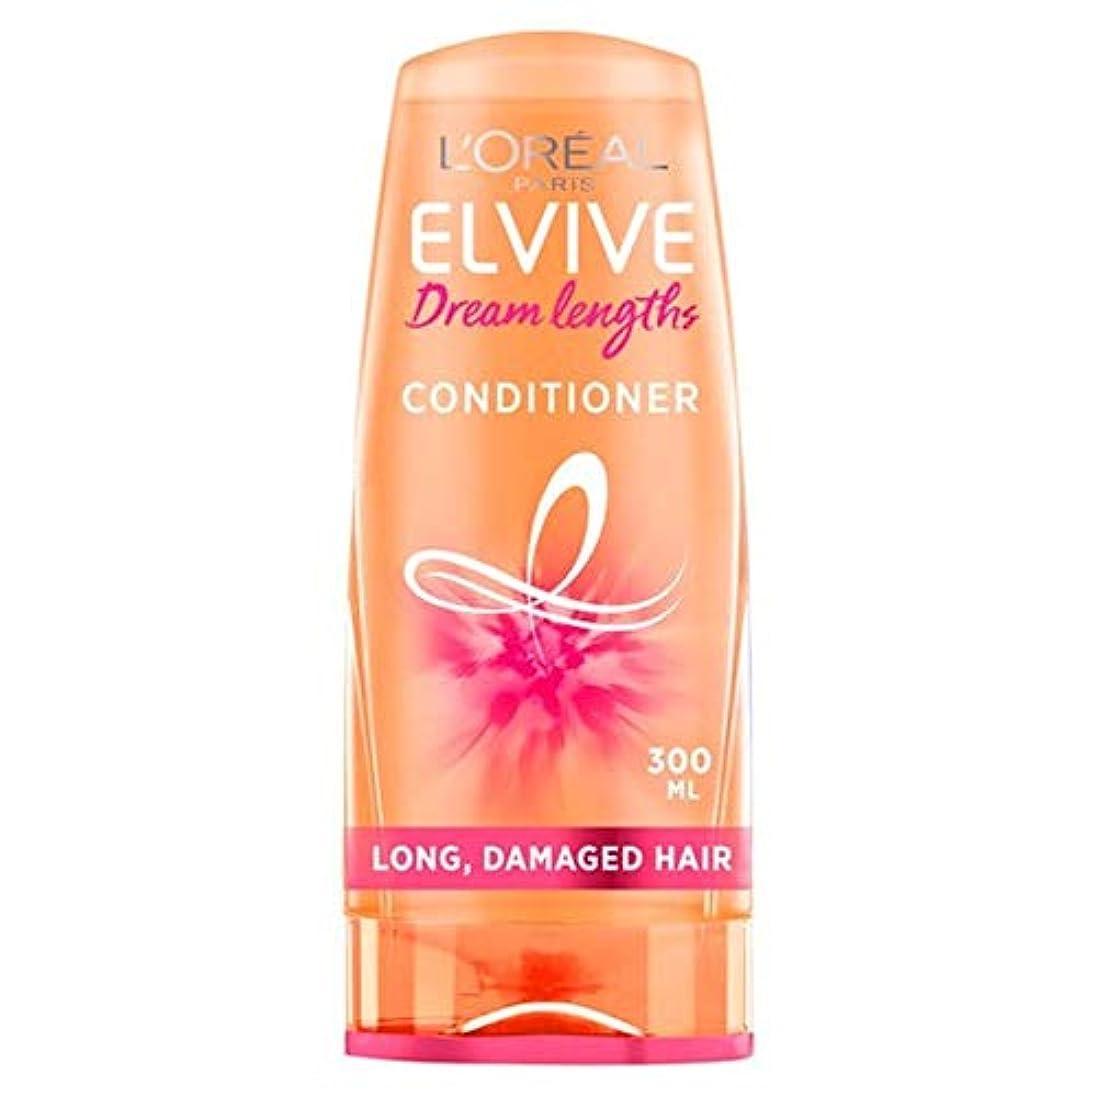 無力摘むマットレス[Elvive] ロレアルはElvive長ヘアコンディショナー300ミリリットルの夢 - L'oreal Elvive Dream Lengths Hair Conditioner 300Ml [並行輸入品]